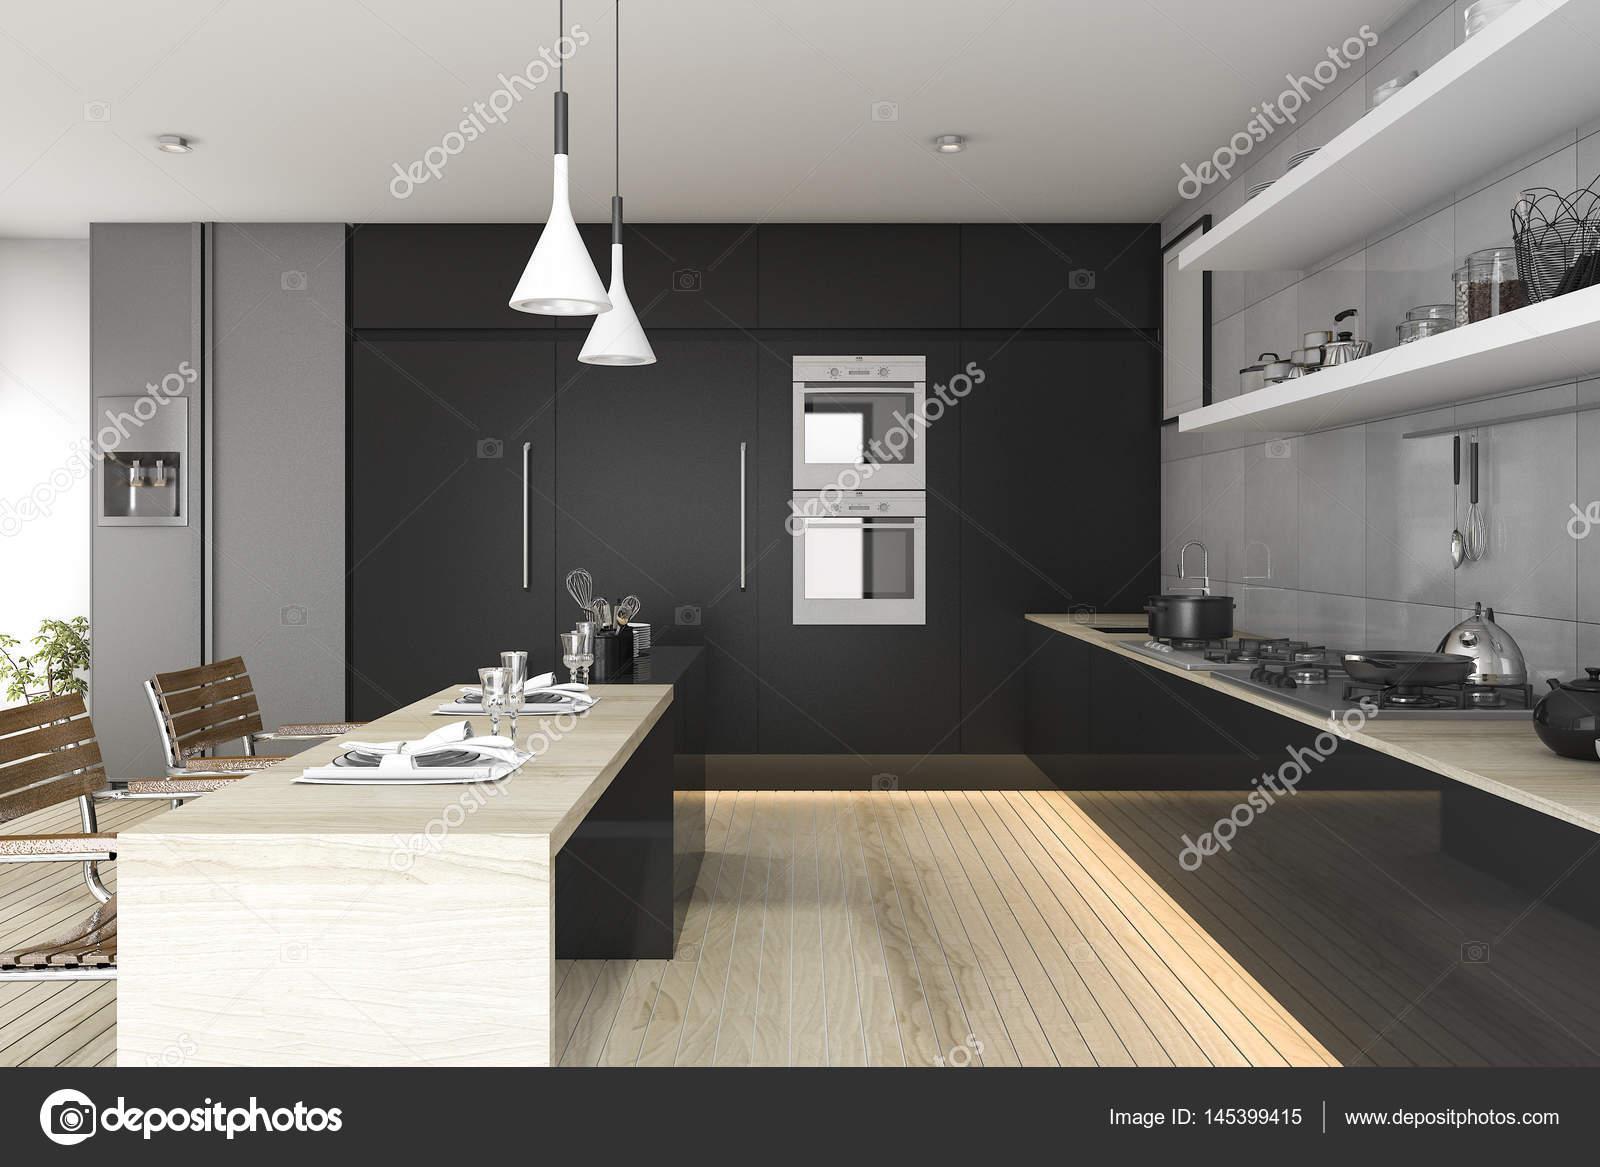 cocina 3D de renderizado negro con piso de madera y luz — Fotos de ...